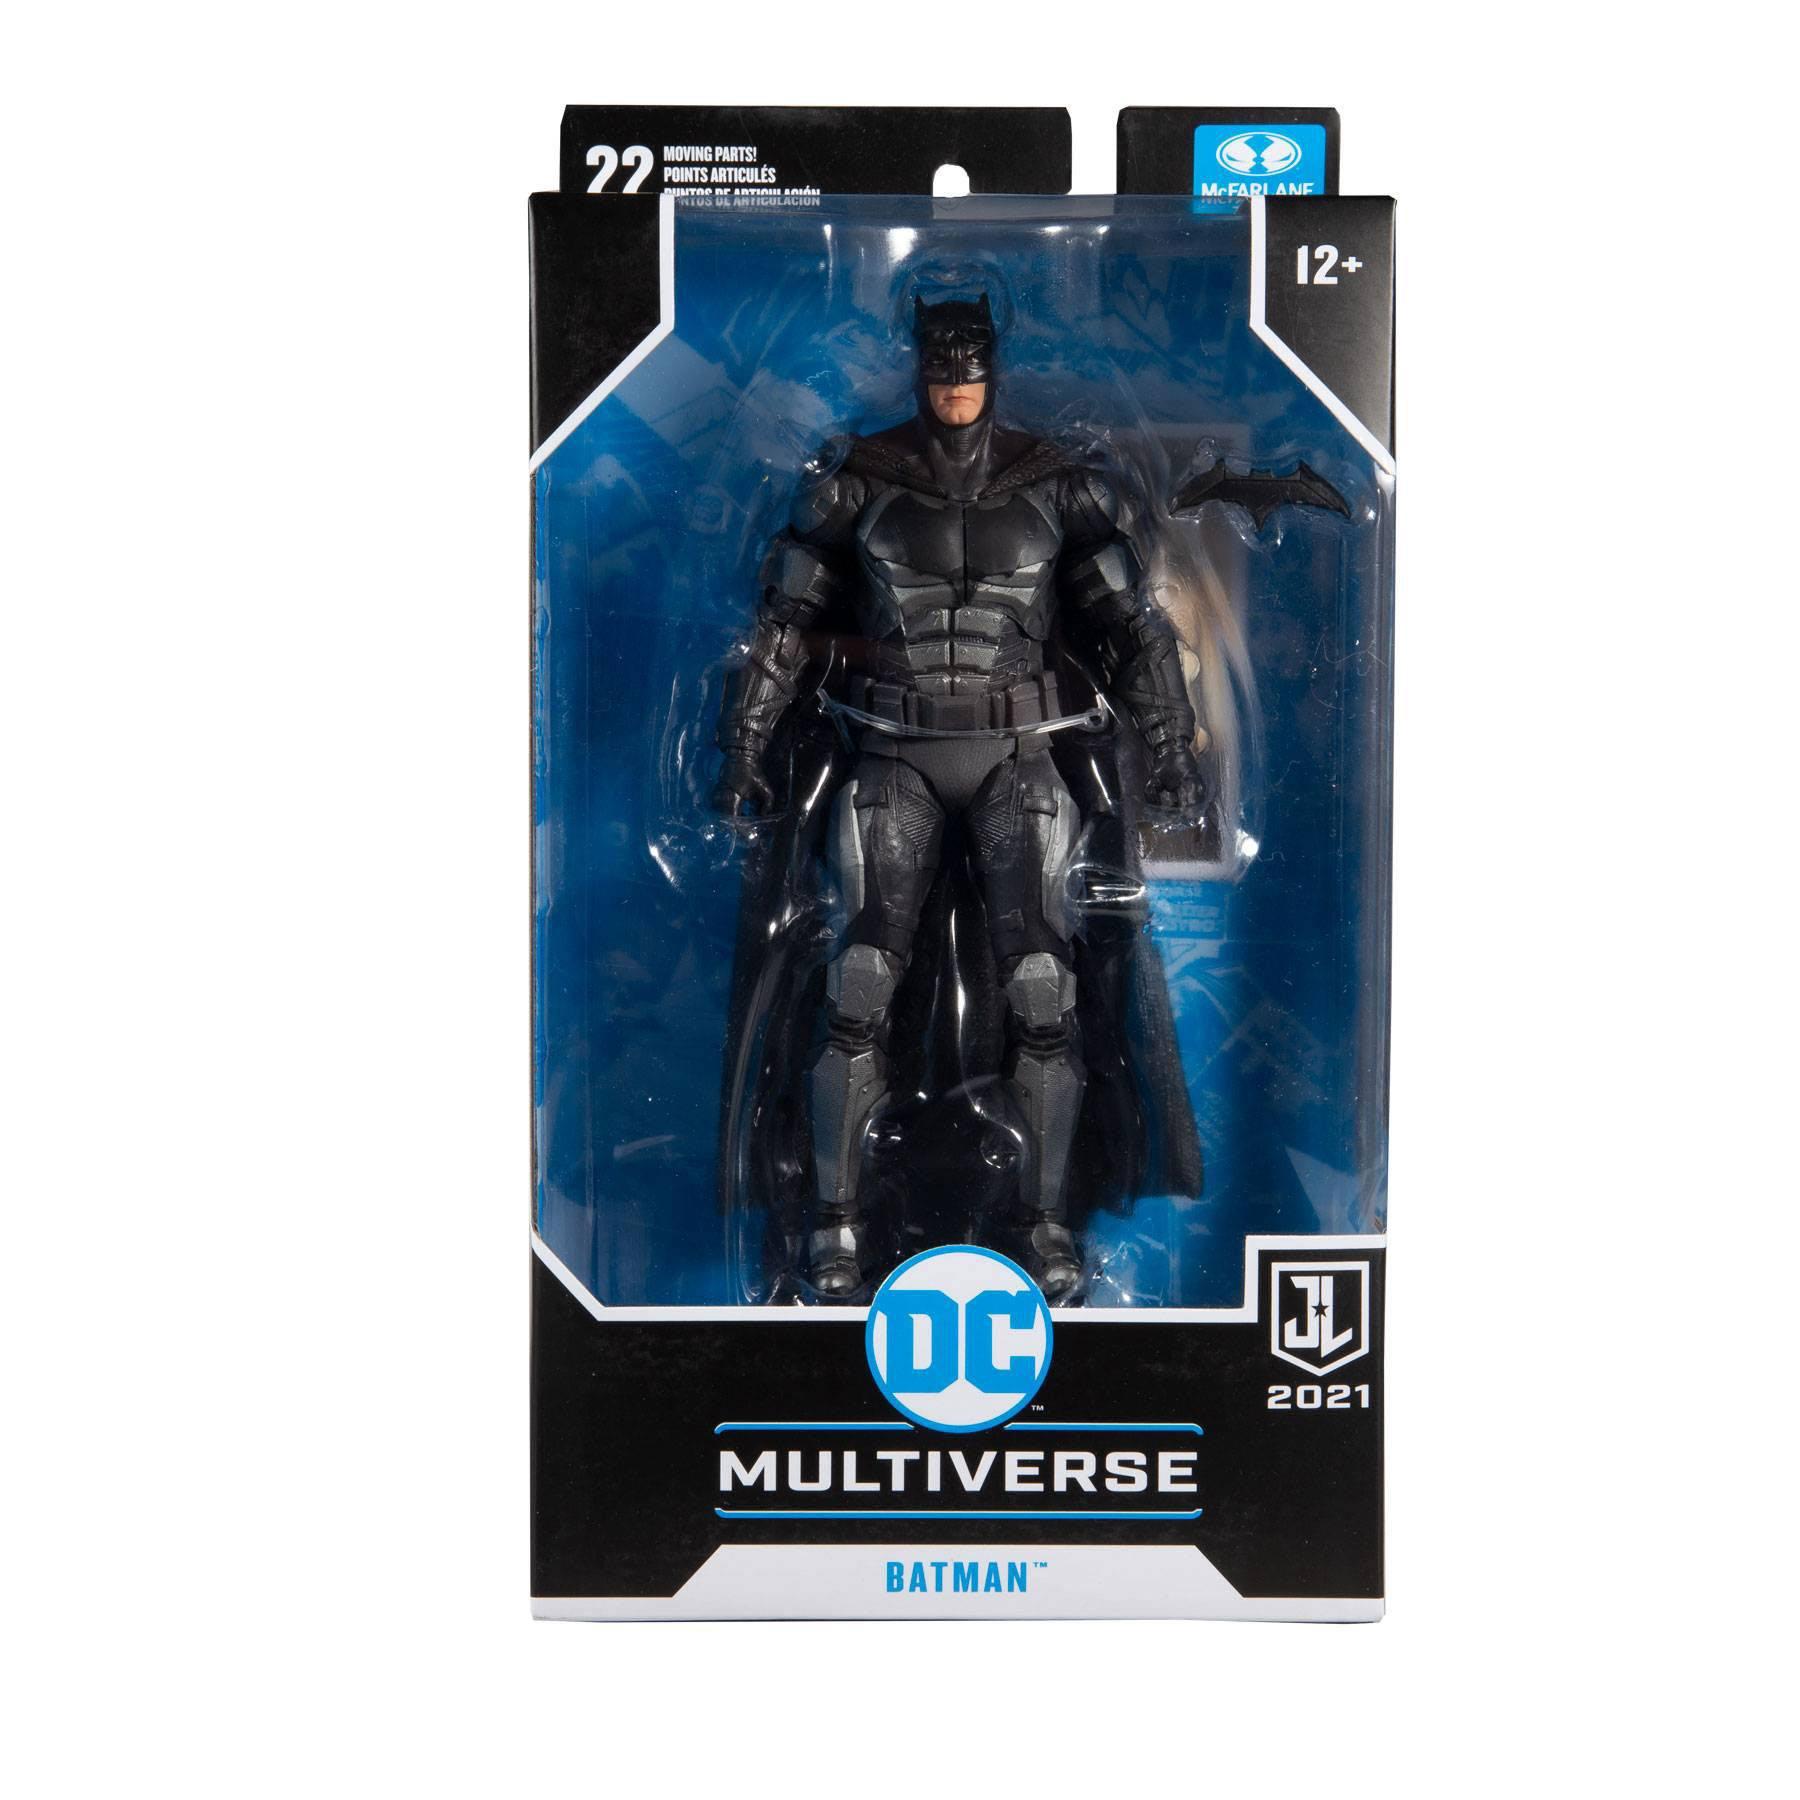 DC Justice League Movie Actionfigur Batman 18 cm MCF15092-6 787926150926